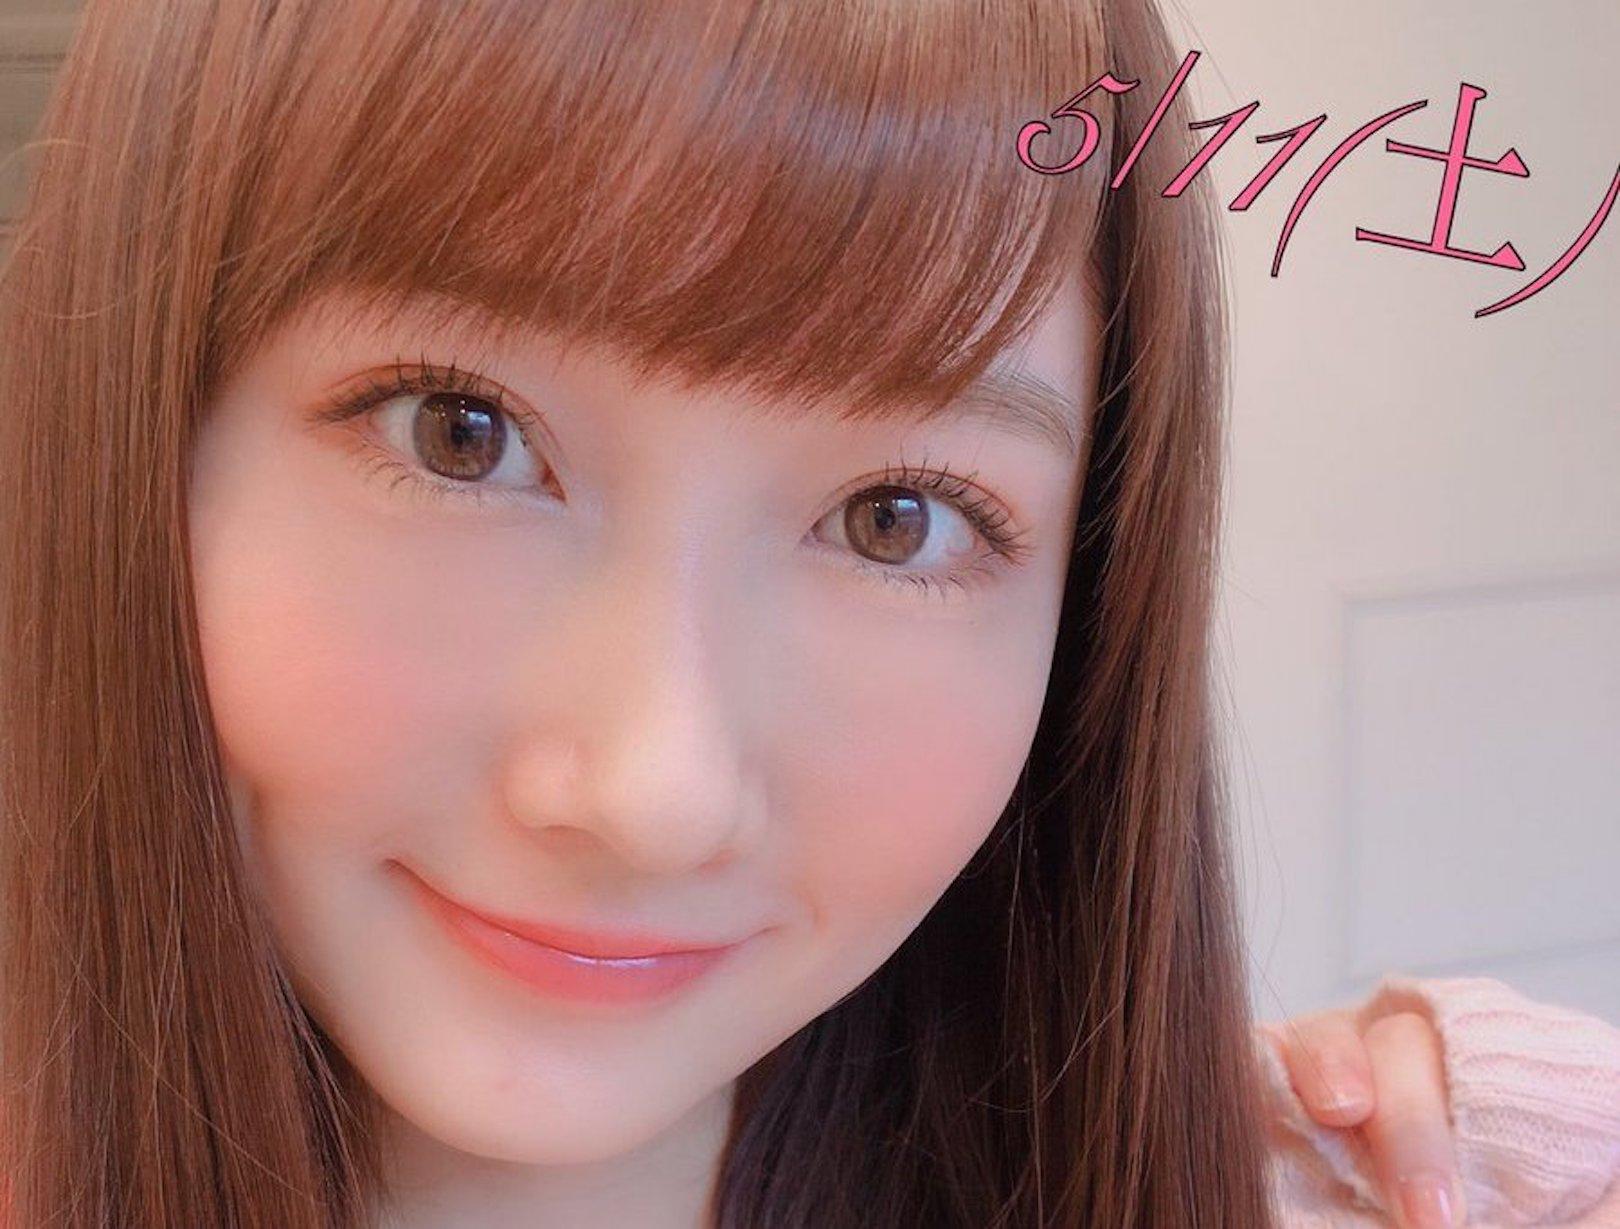 【矢倉楓子】ふぅちゃんが5月11日に赤坂で2部制のイベントを開催。